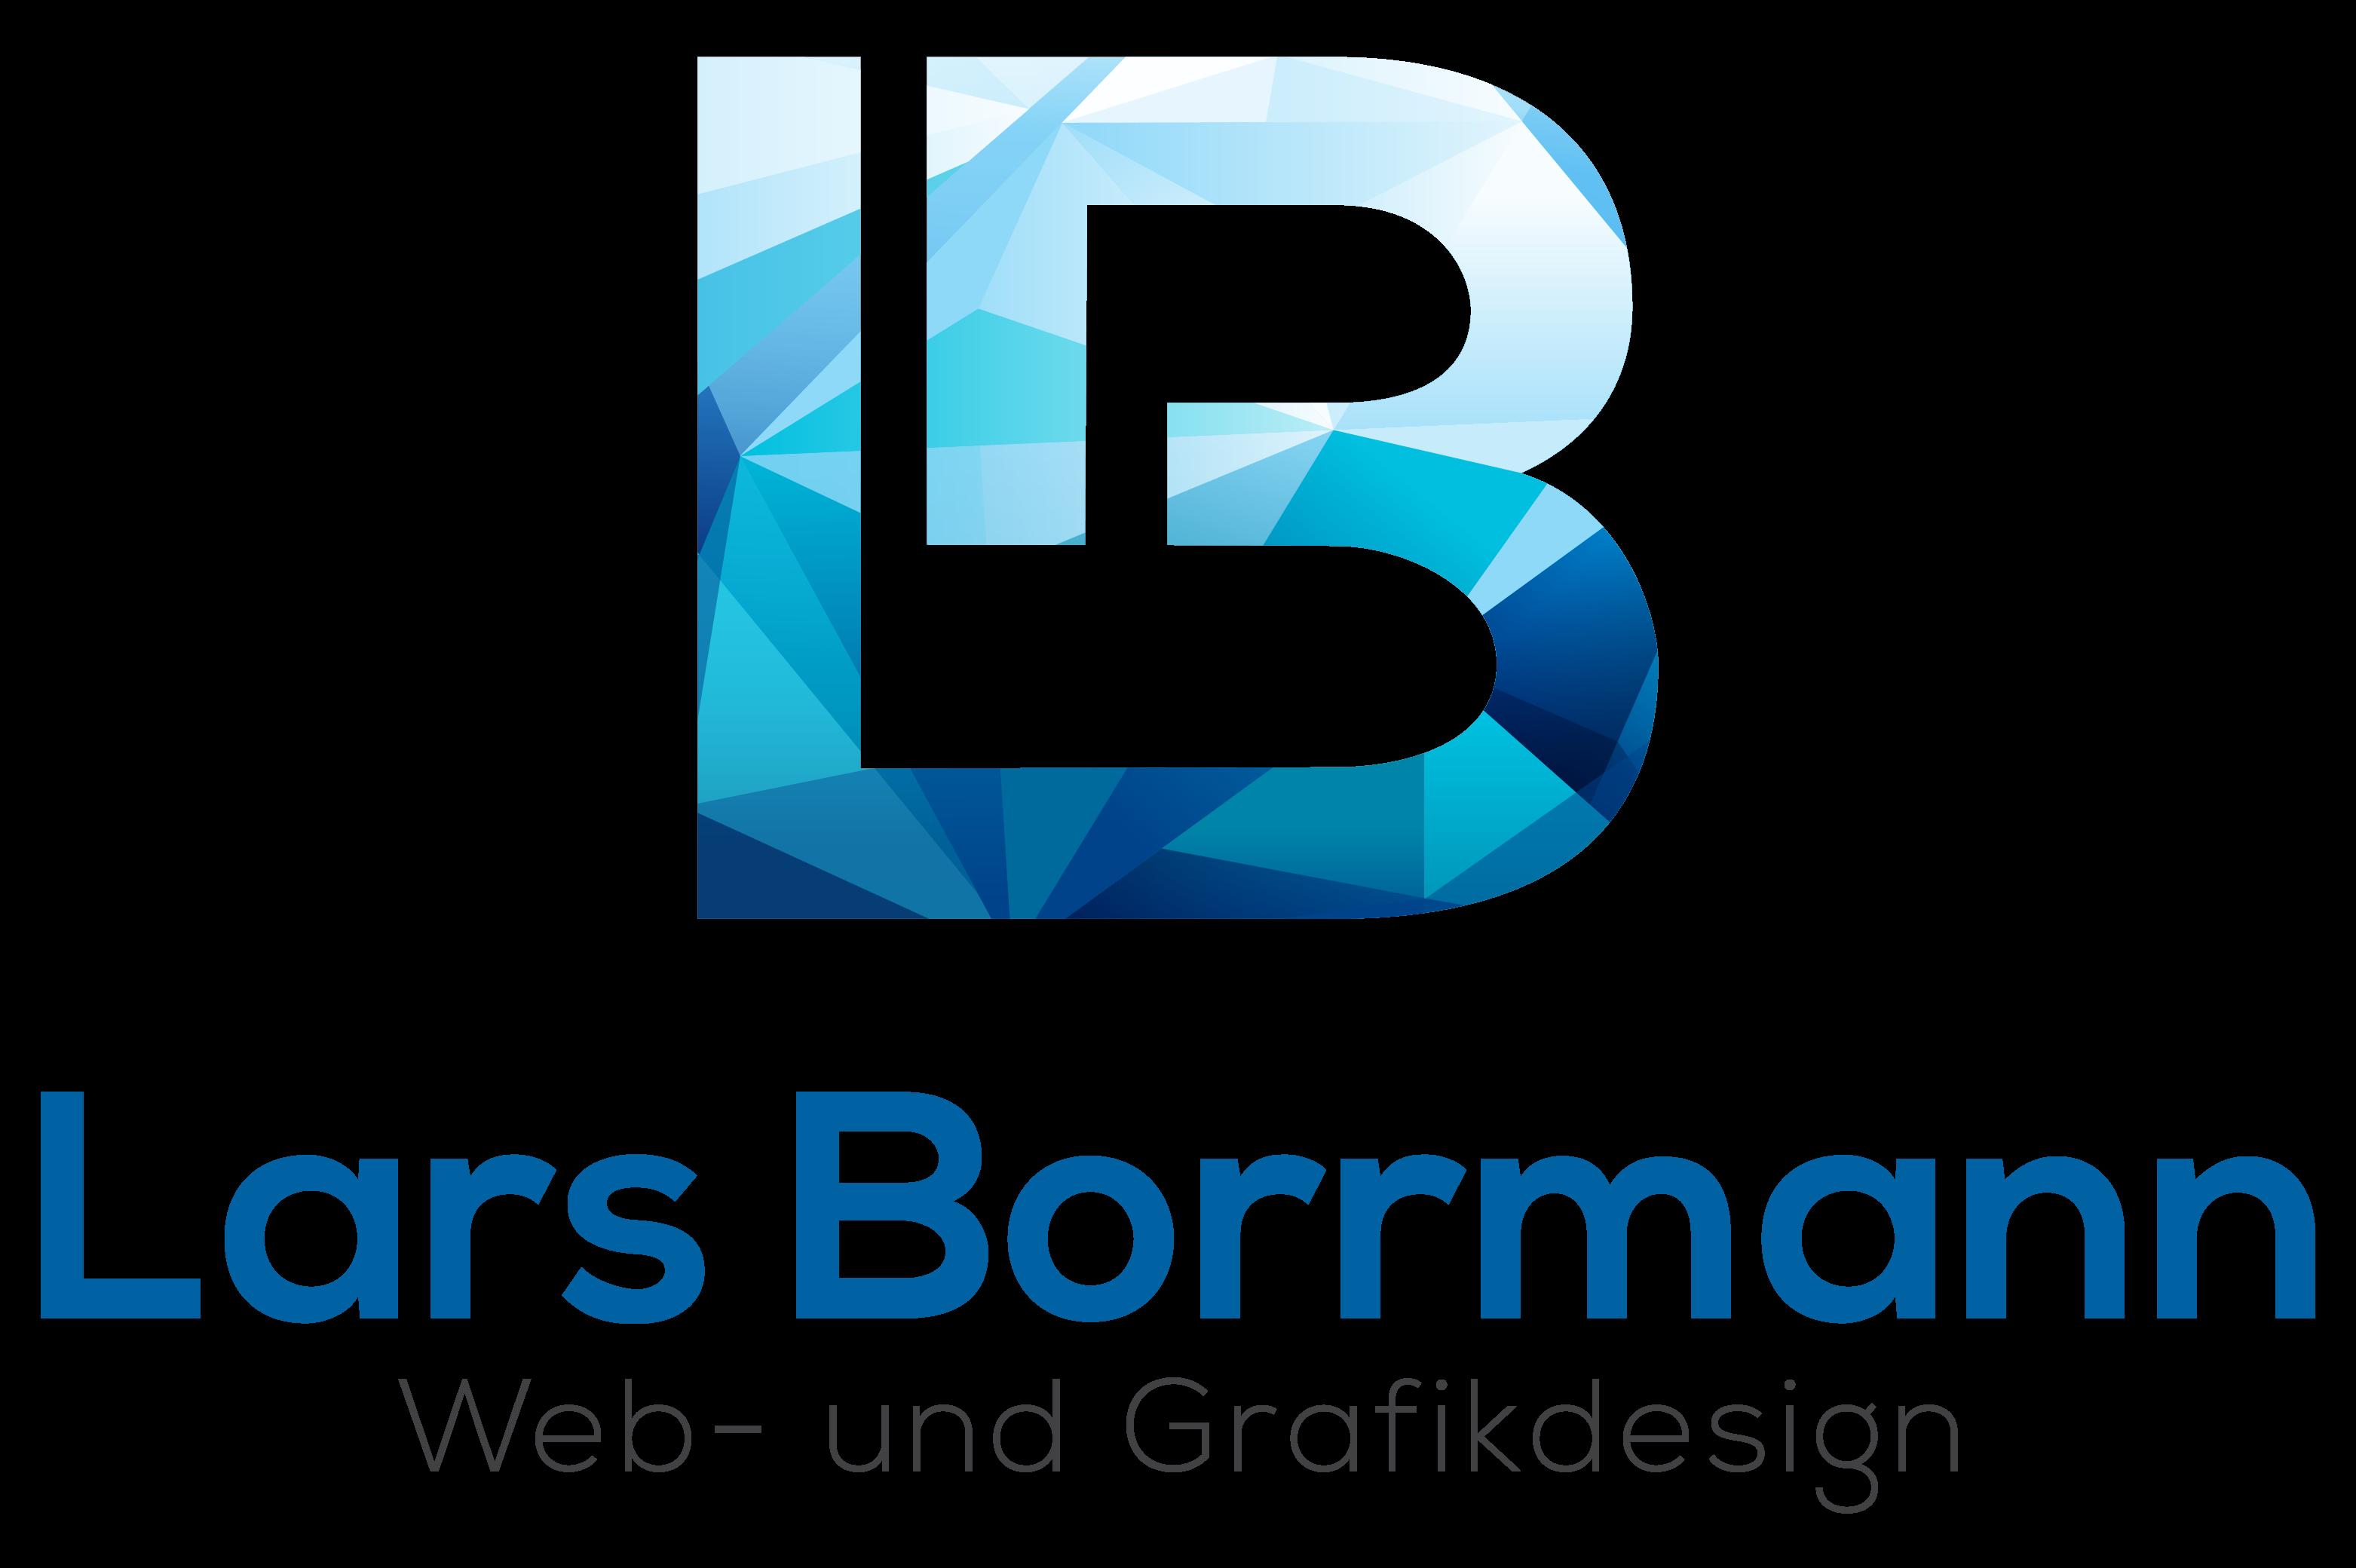 LB Web- und Grafikdesign